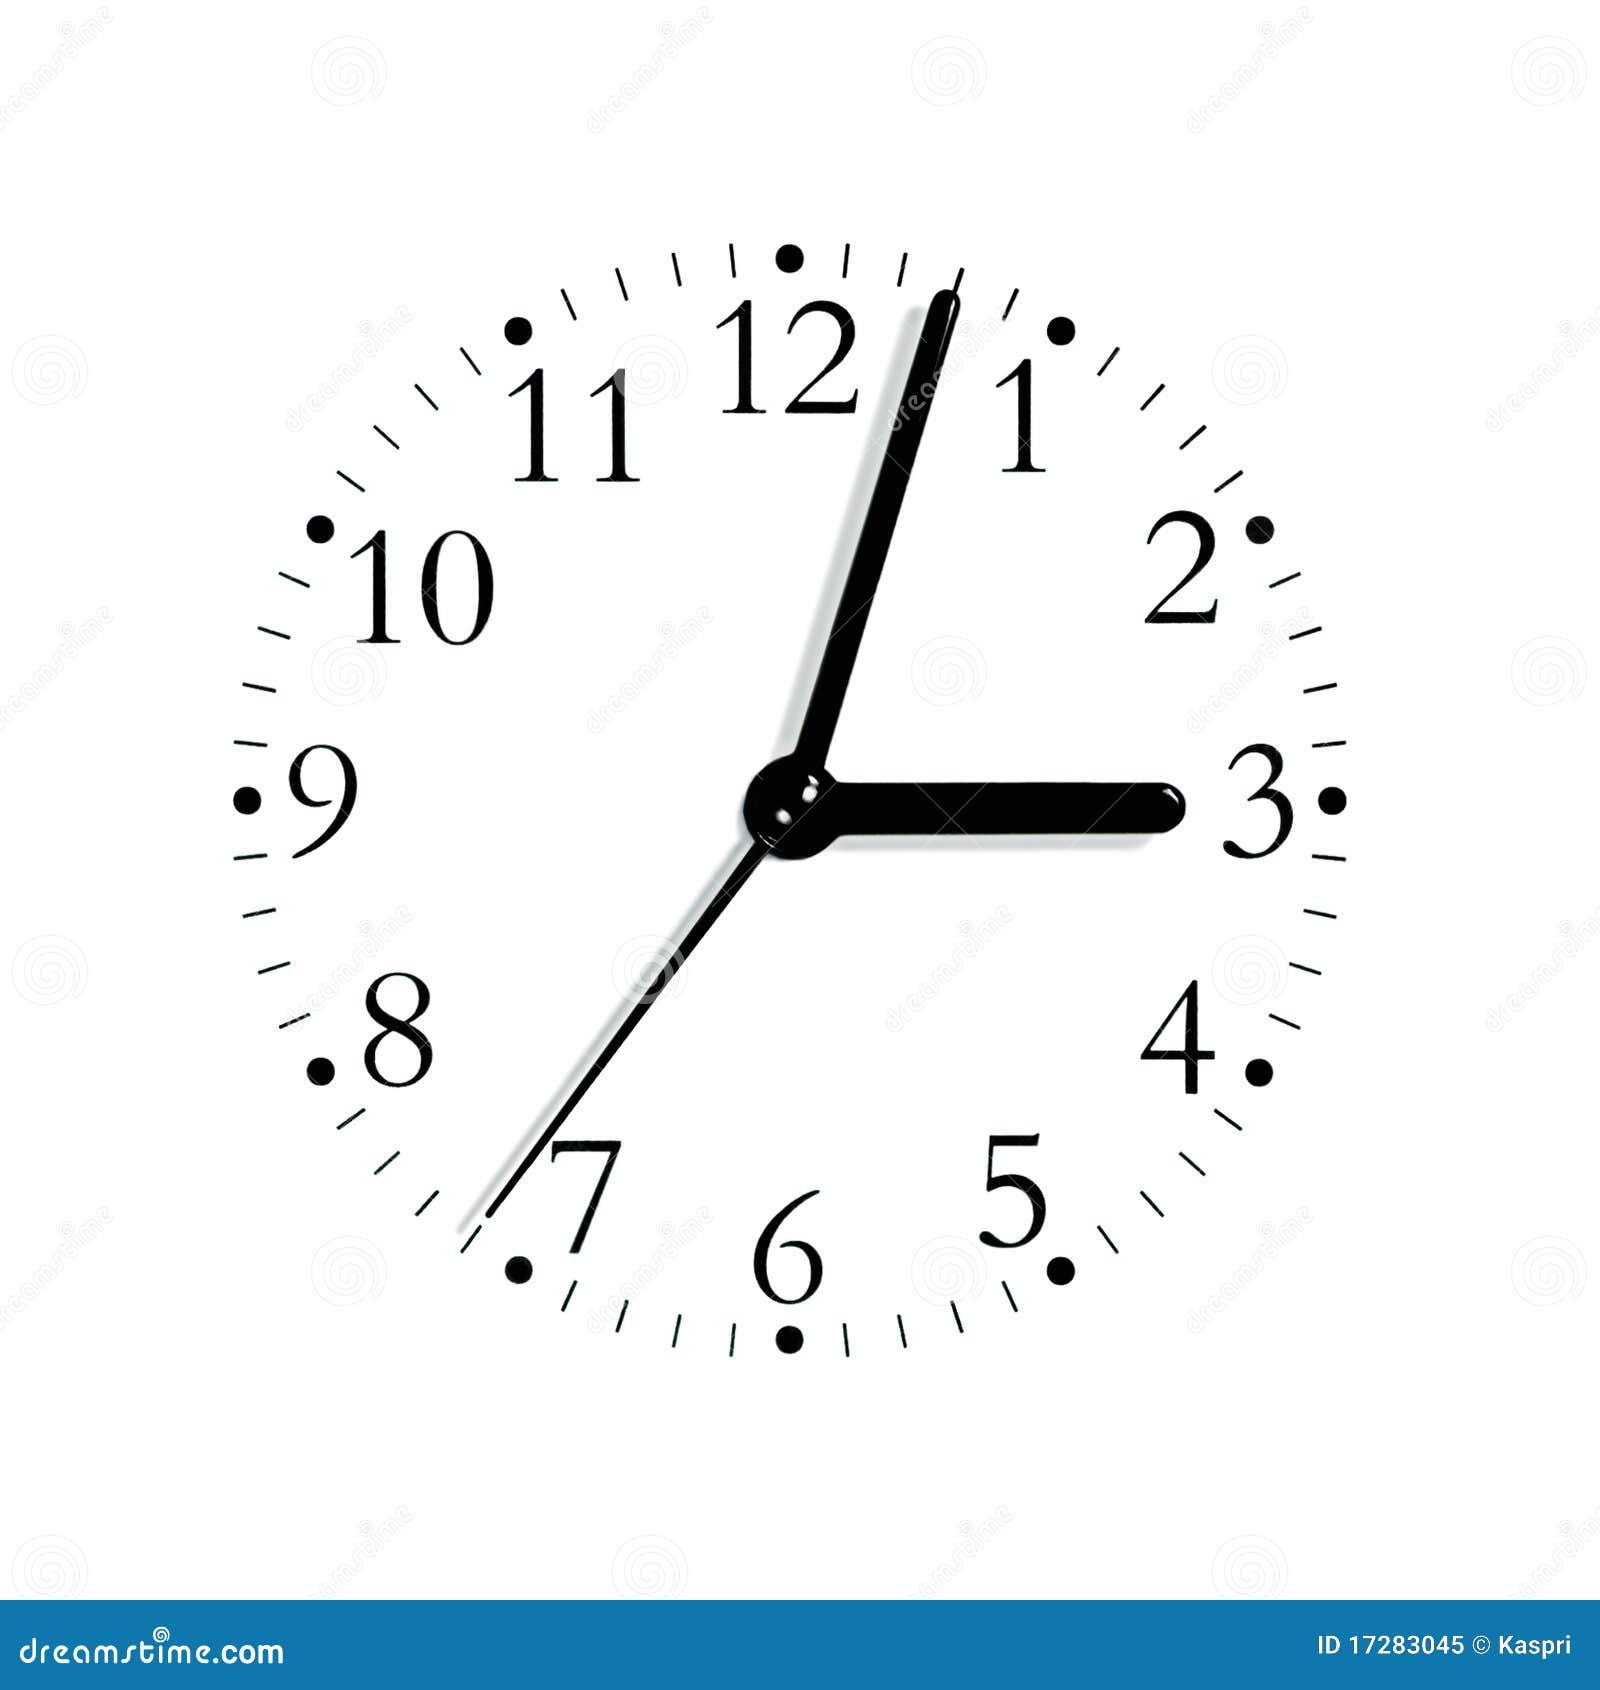 Seletor análogo branco preto da face do relógio, isolado